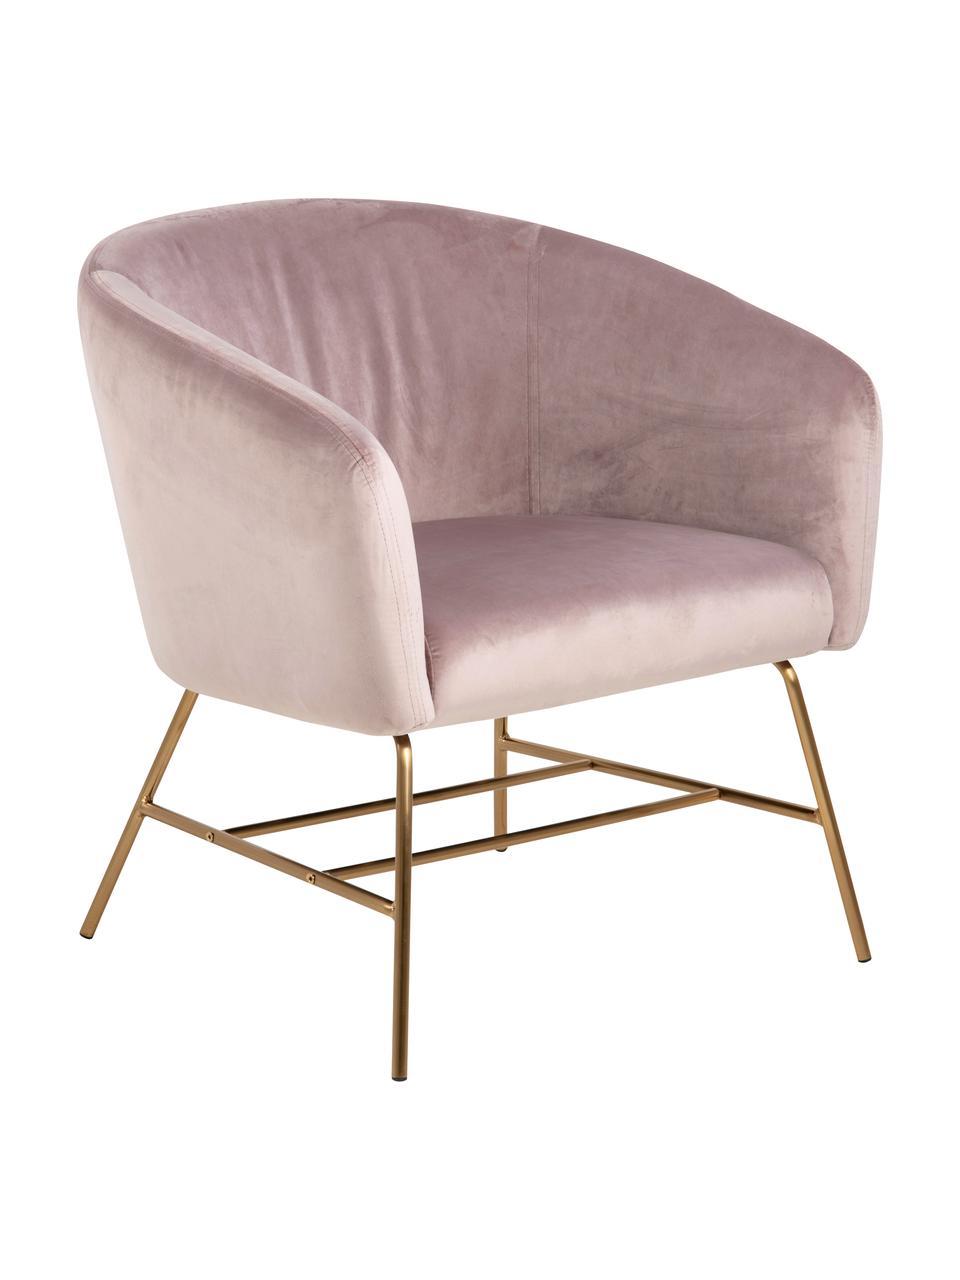 Fotel koktajlowy z aksamitu Ramsey, Tapicerka: aksamit poliestrowy Dzięk, Nogi: metal lakierowany, Aksamitny blady różowy, S 72 x G 67 cm